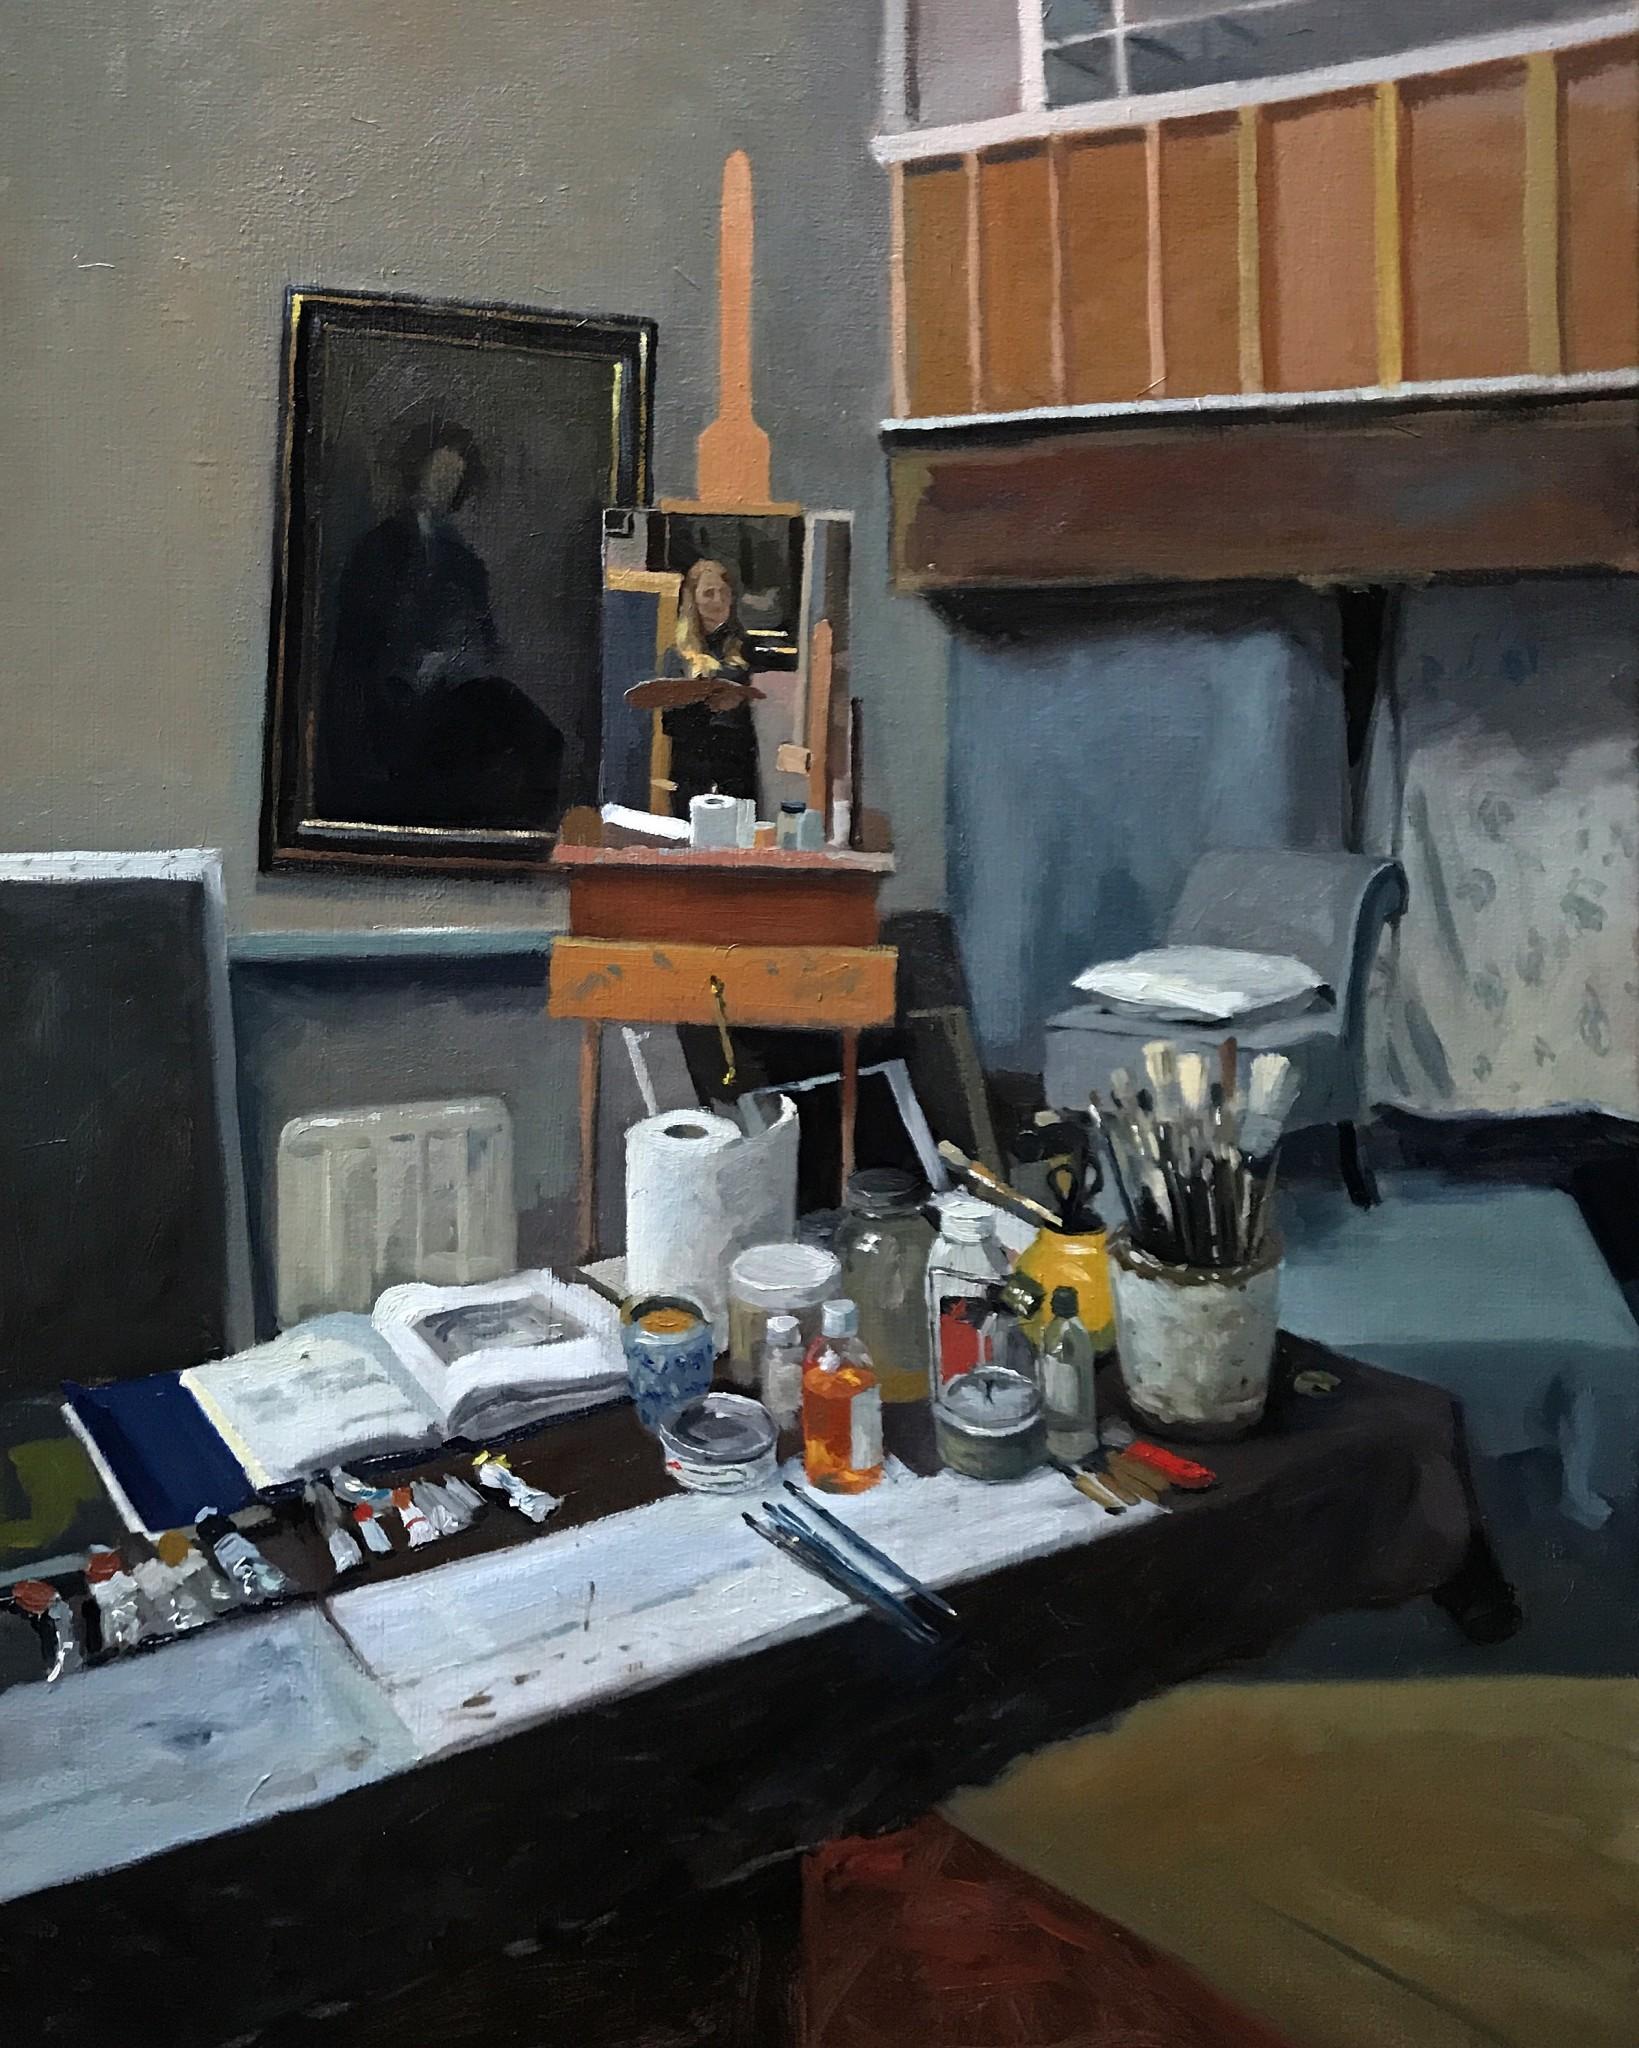 Studio Interior, Self Portrait in Mirror